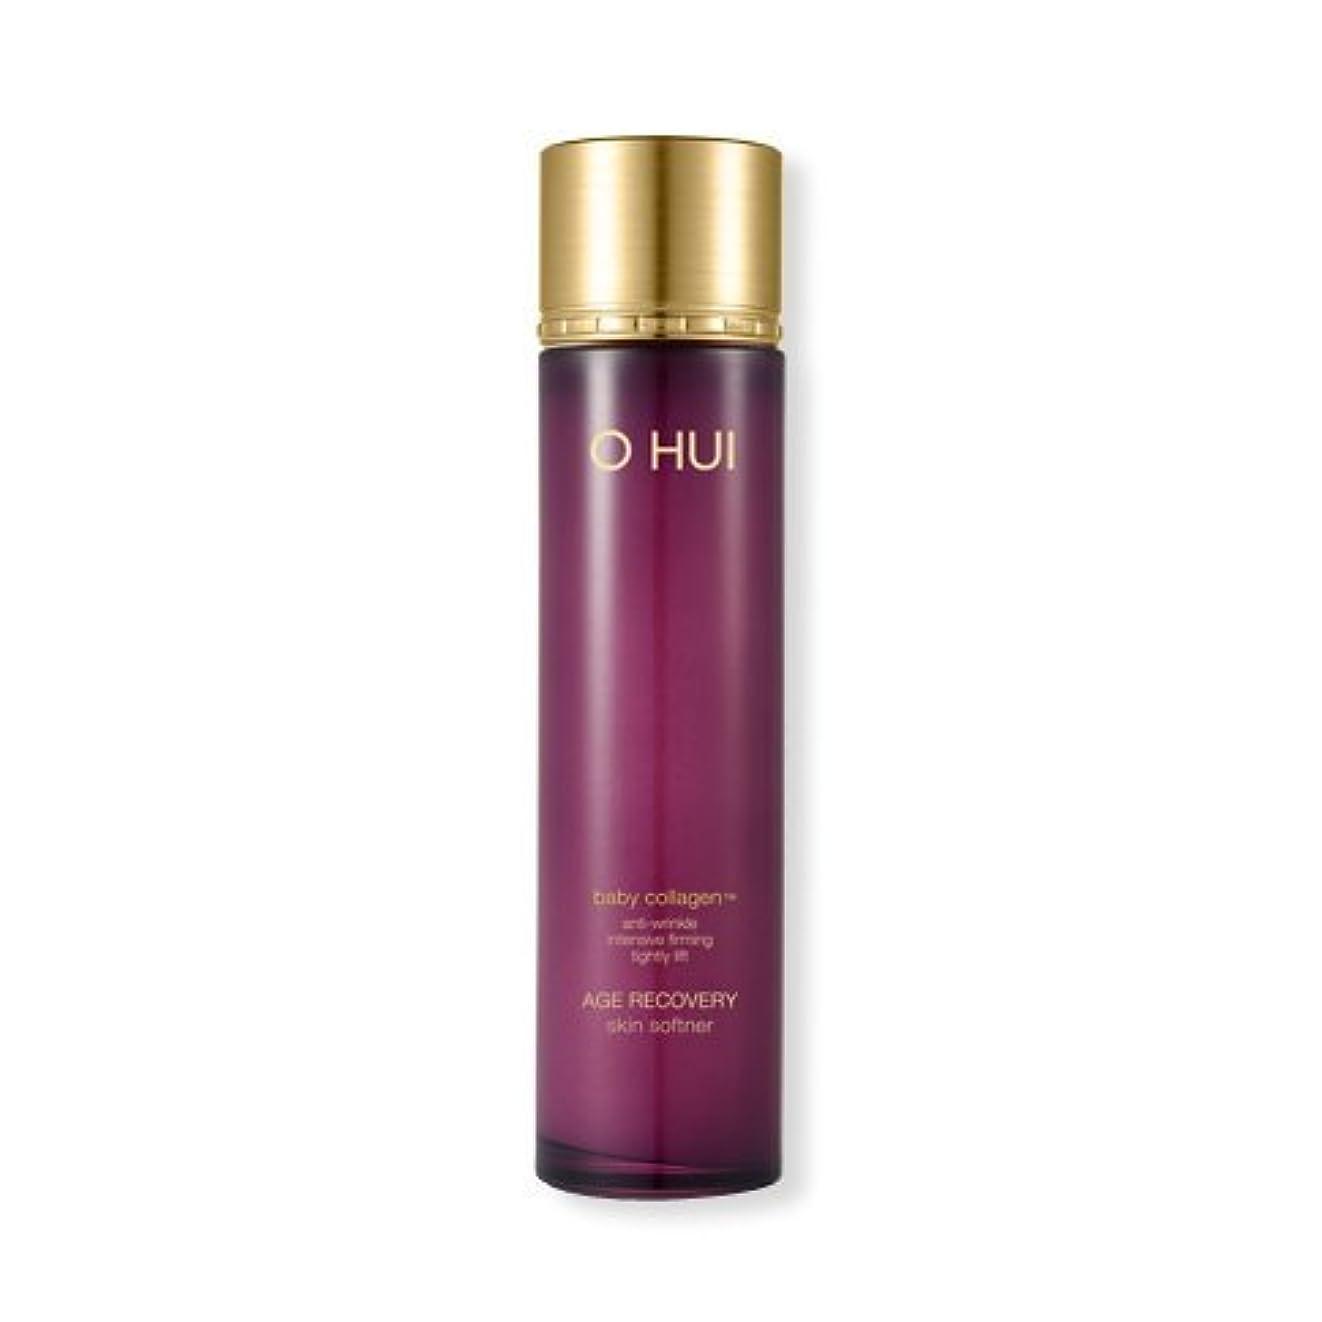 免除方法論名誉あるOHUI Age Recovery Skin Softener 150ml/オフィ エイジ リカバリー スキン ソフナー 150ml [並行輸入品]